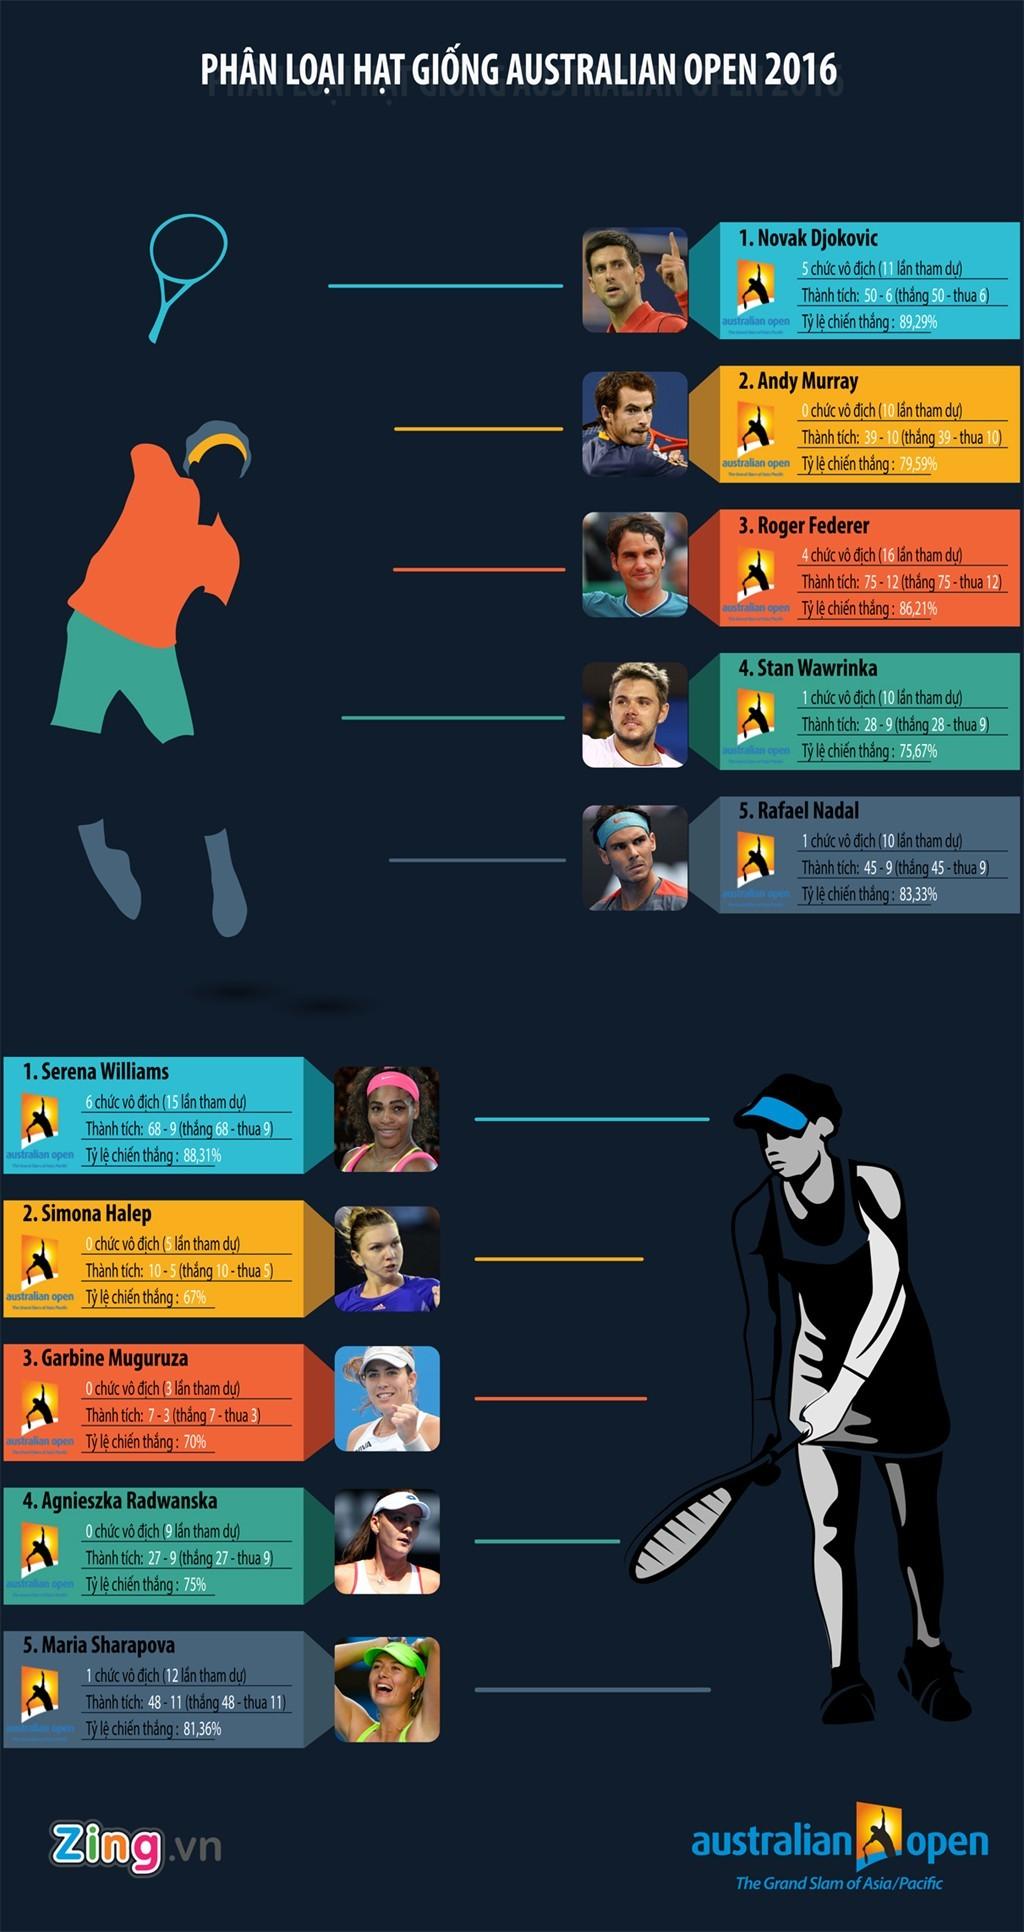 Ai có thể cản bước Djokovic ở Australian Open 2016?